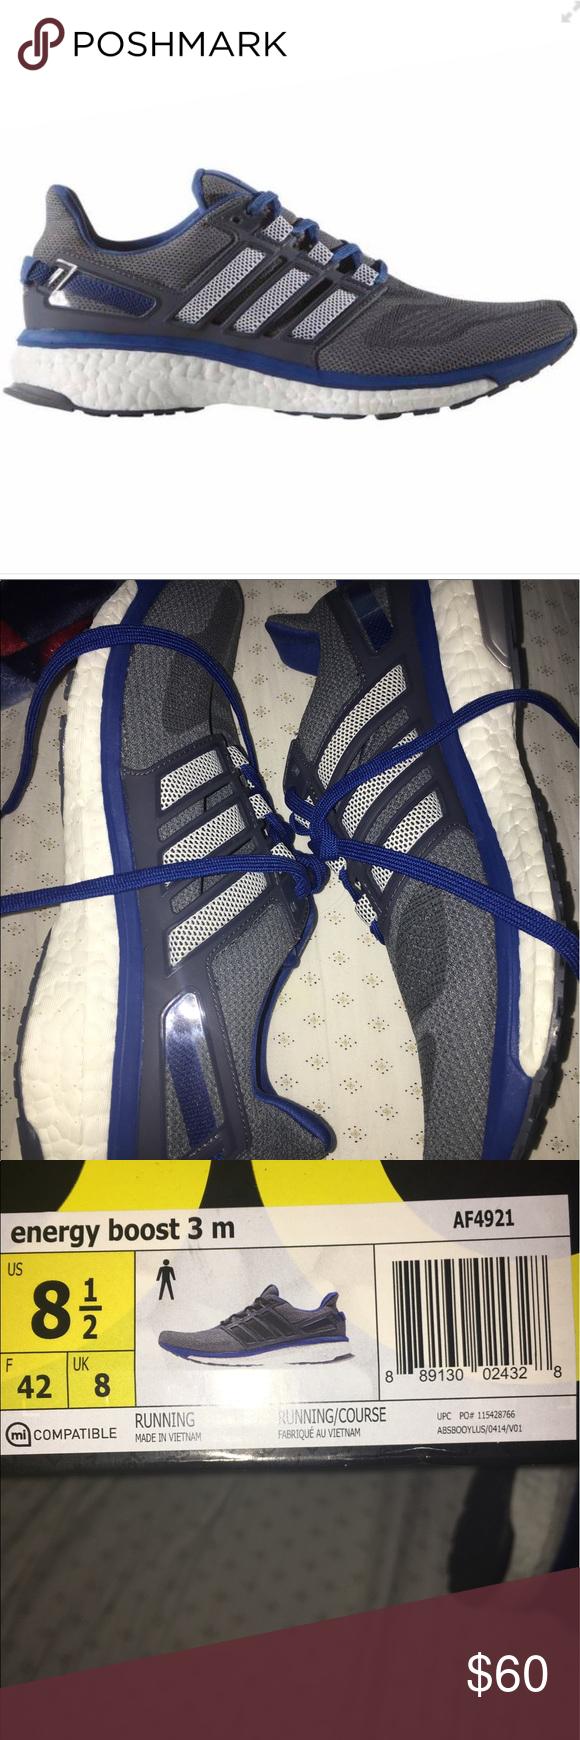 Adidas Energy Boost 3 zapatillas hombres nuevos Adidas Energy